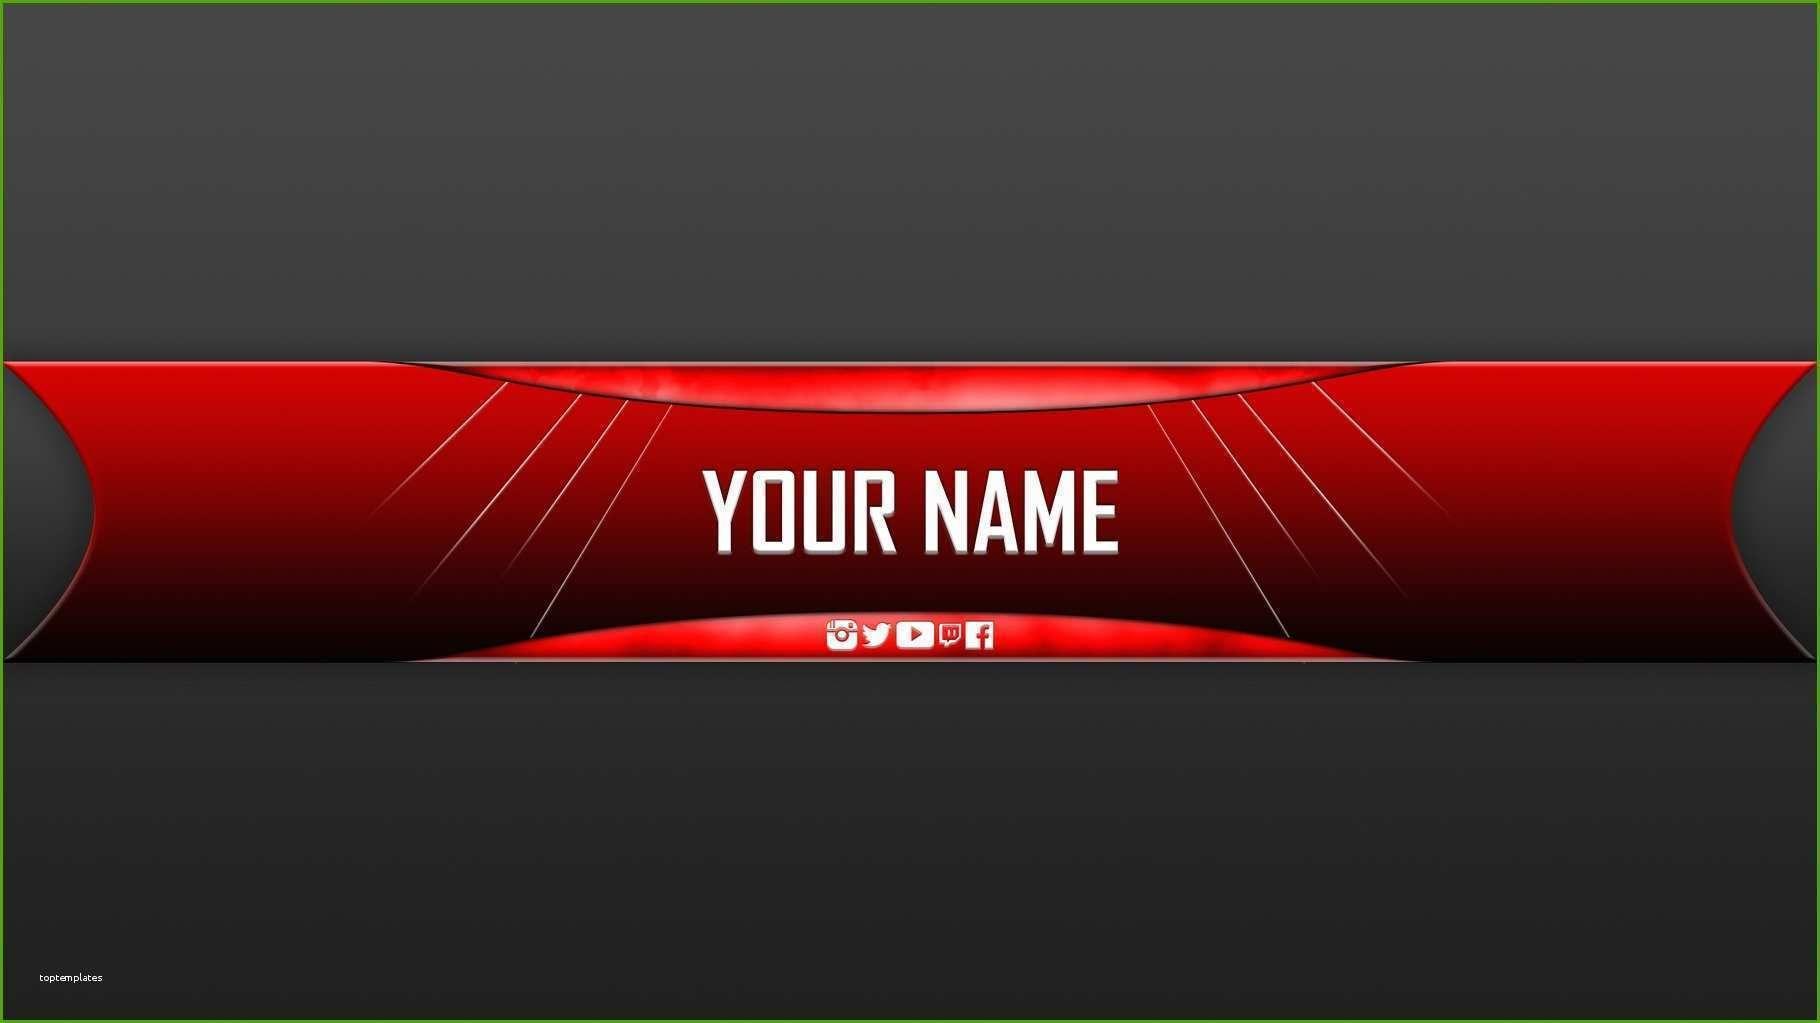 Youtube Banner Kanalbild Mit Photoshop